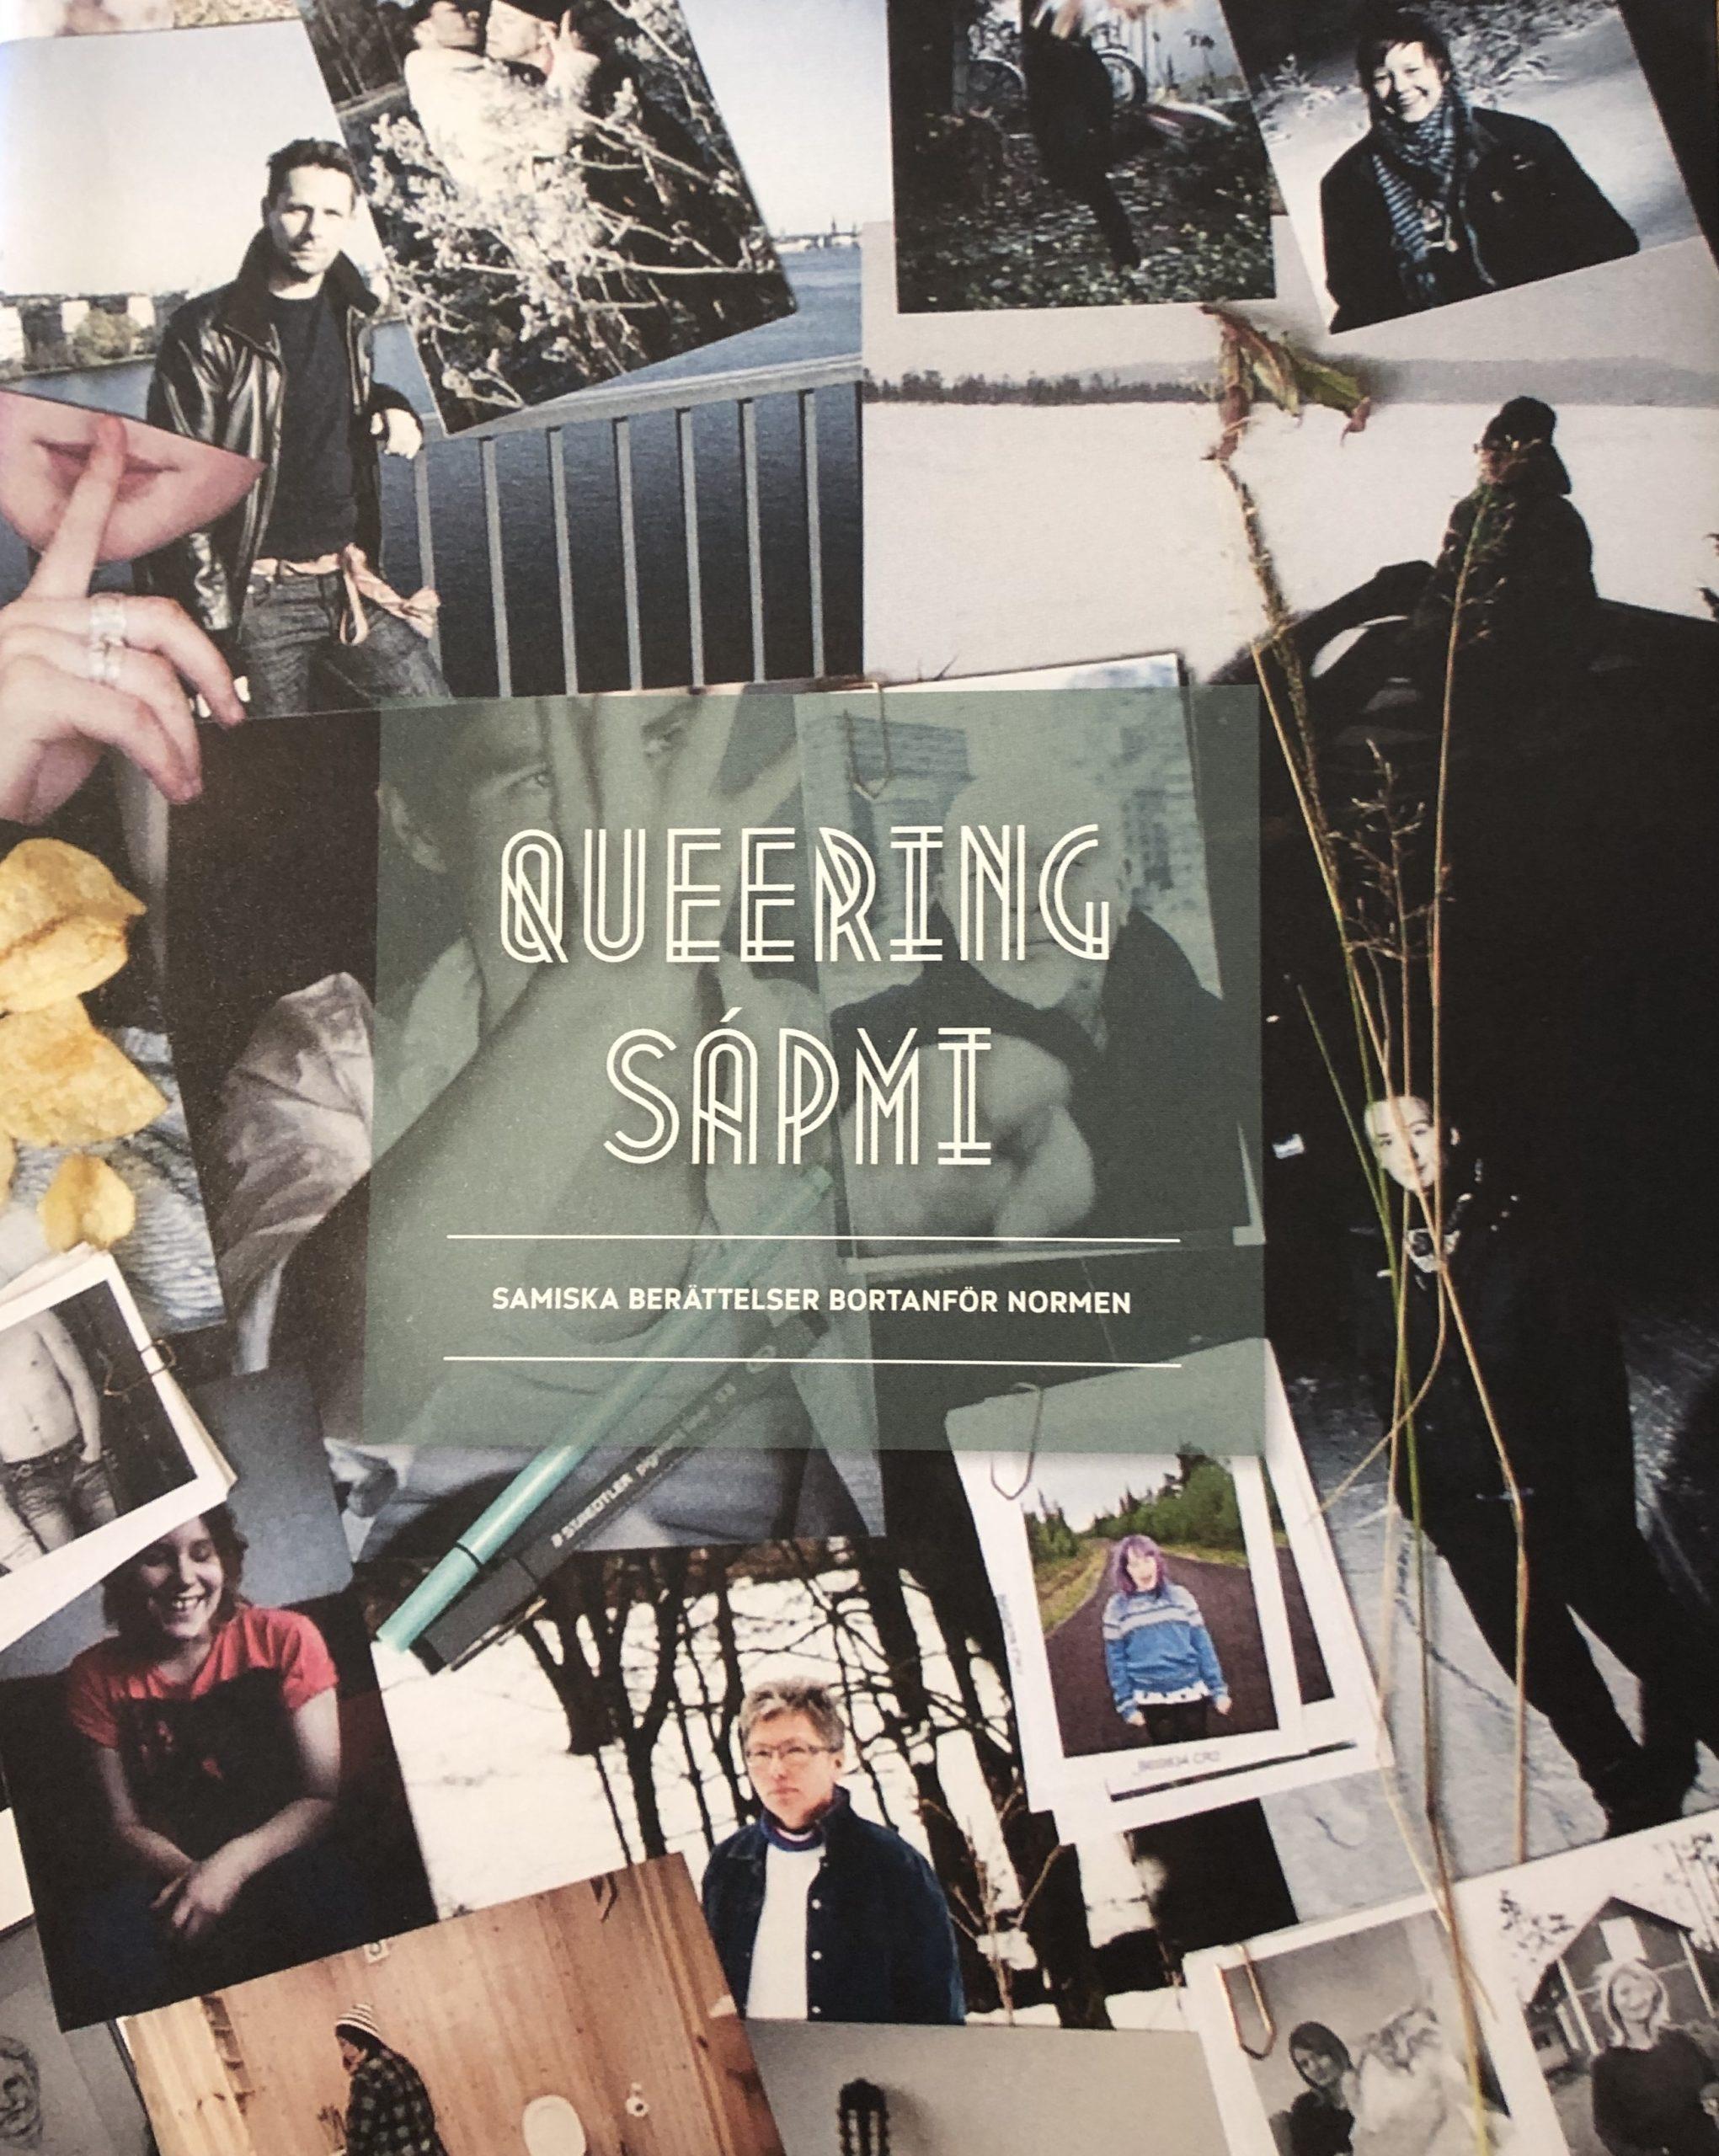 Queering sápmi: Samiska berättelser bortanför normen, Elfrida Bergman och Sara Lindquist